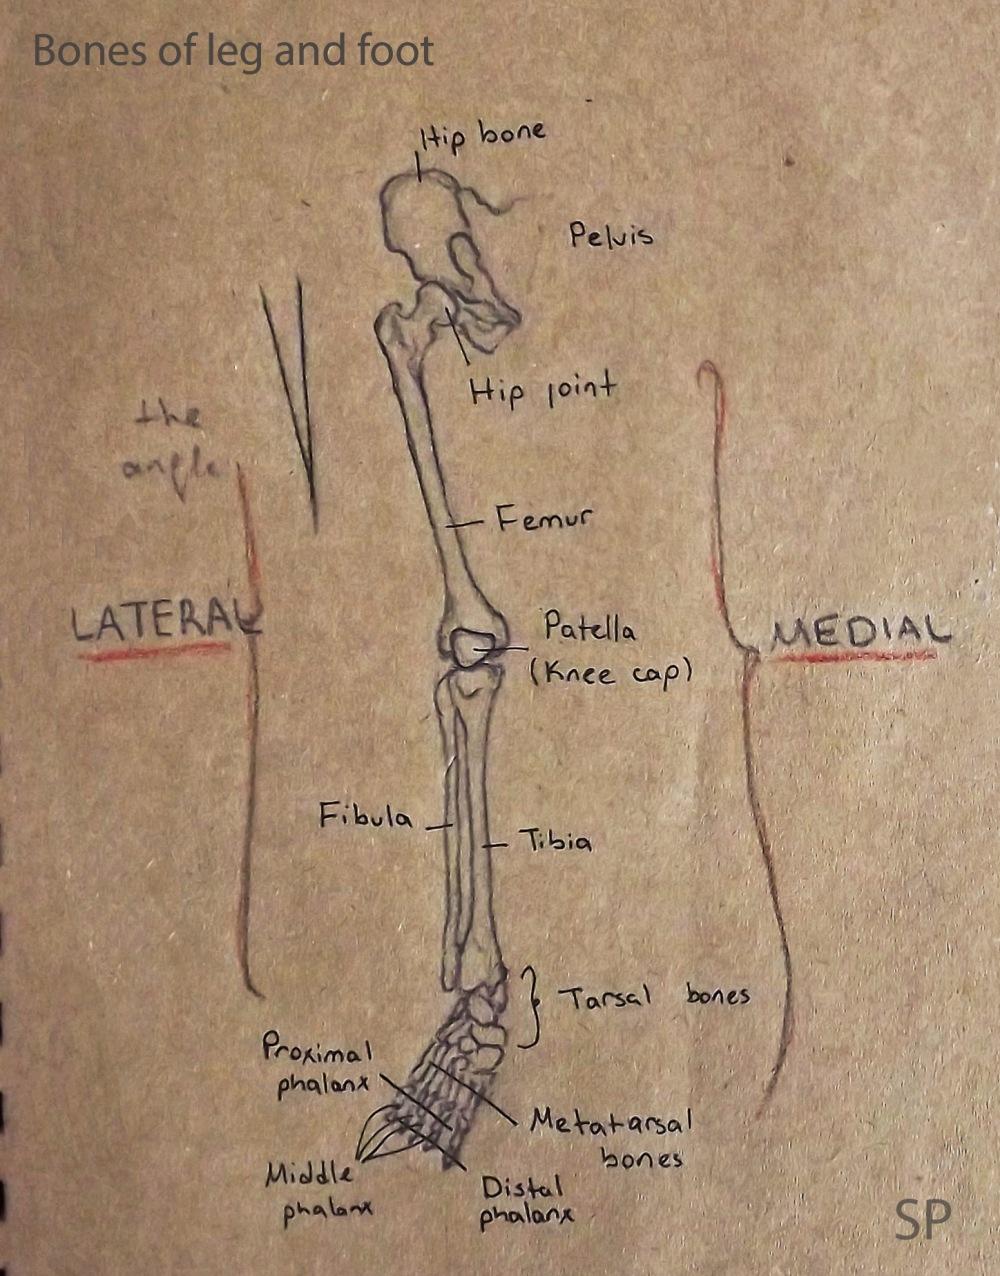 bones of leg and foot drawing